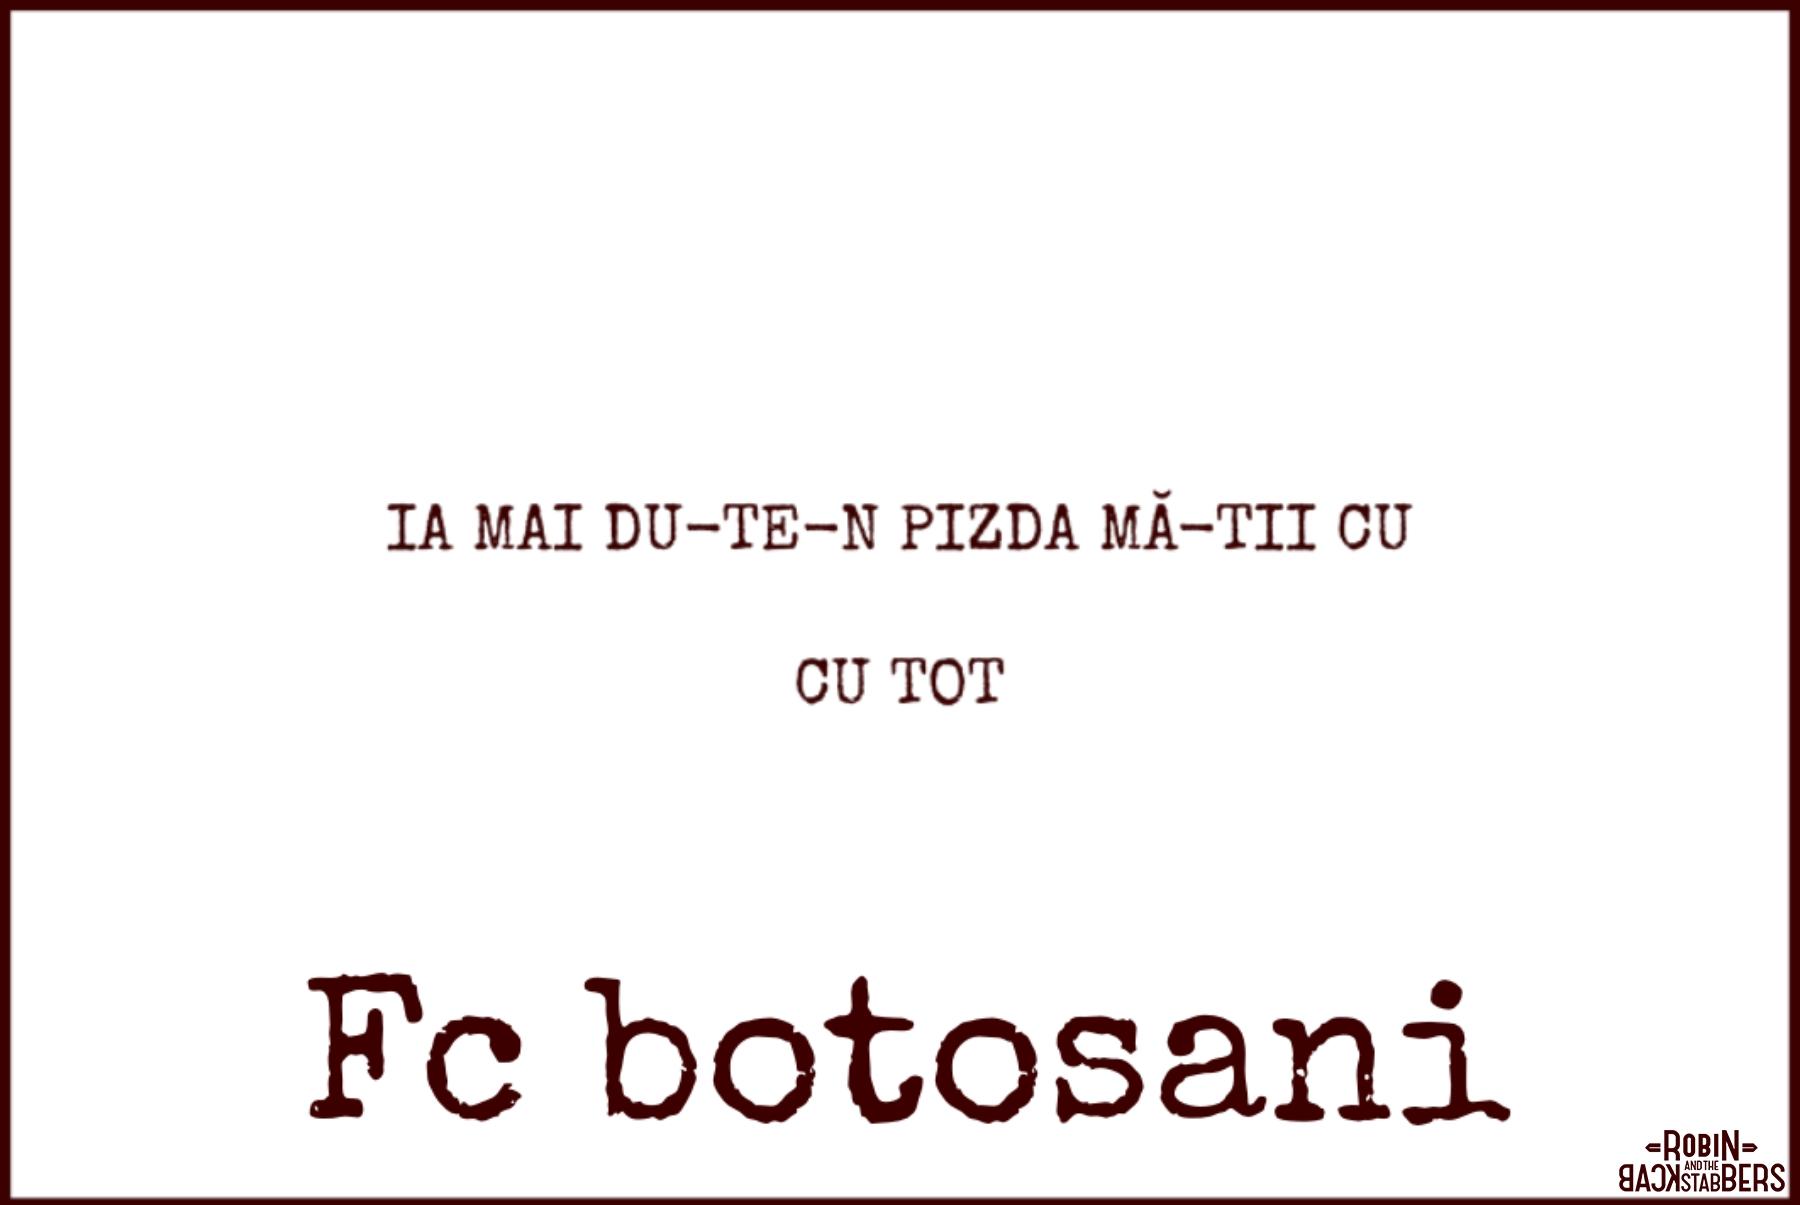 FcBotosani